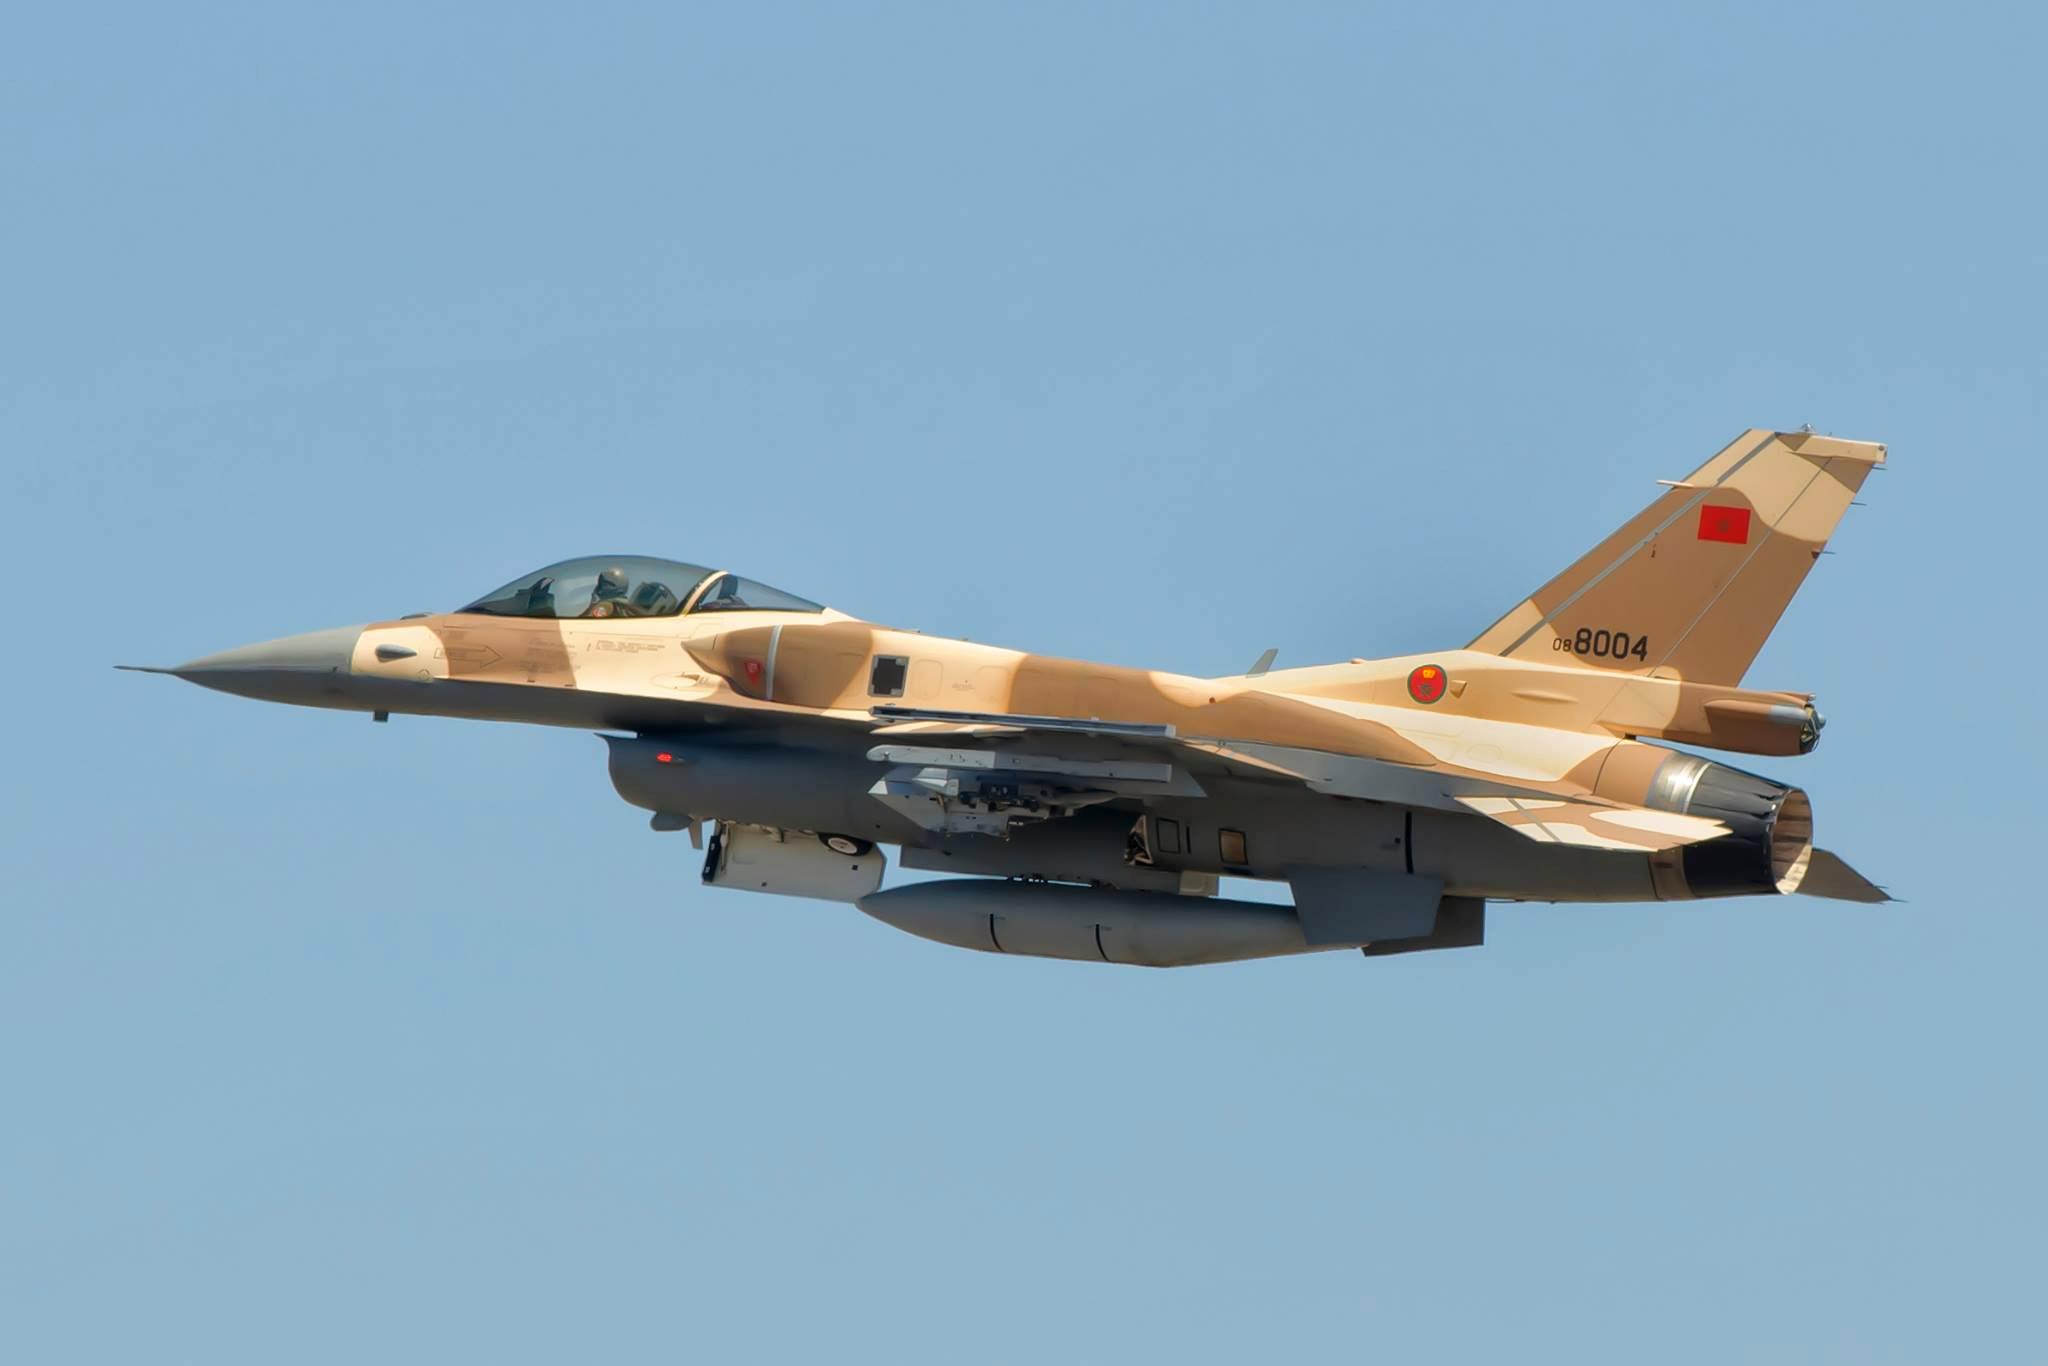 القوات الجوية الملكية المغربية - متجدد - - صفحة 2 16020107101461129